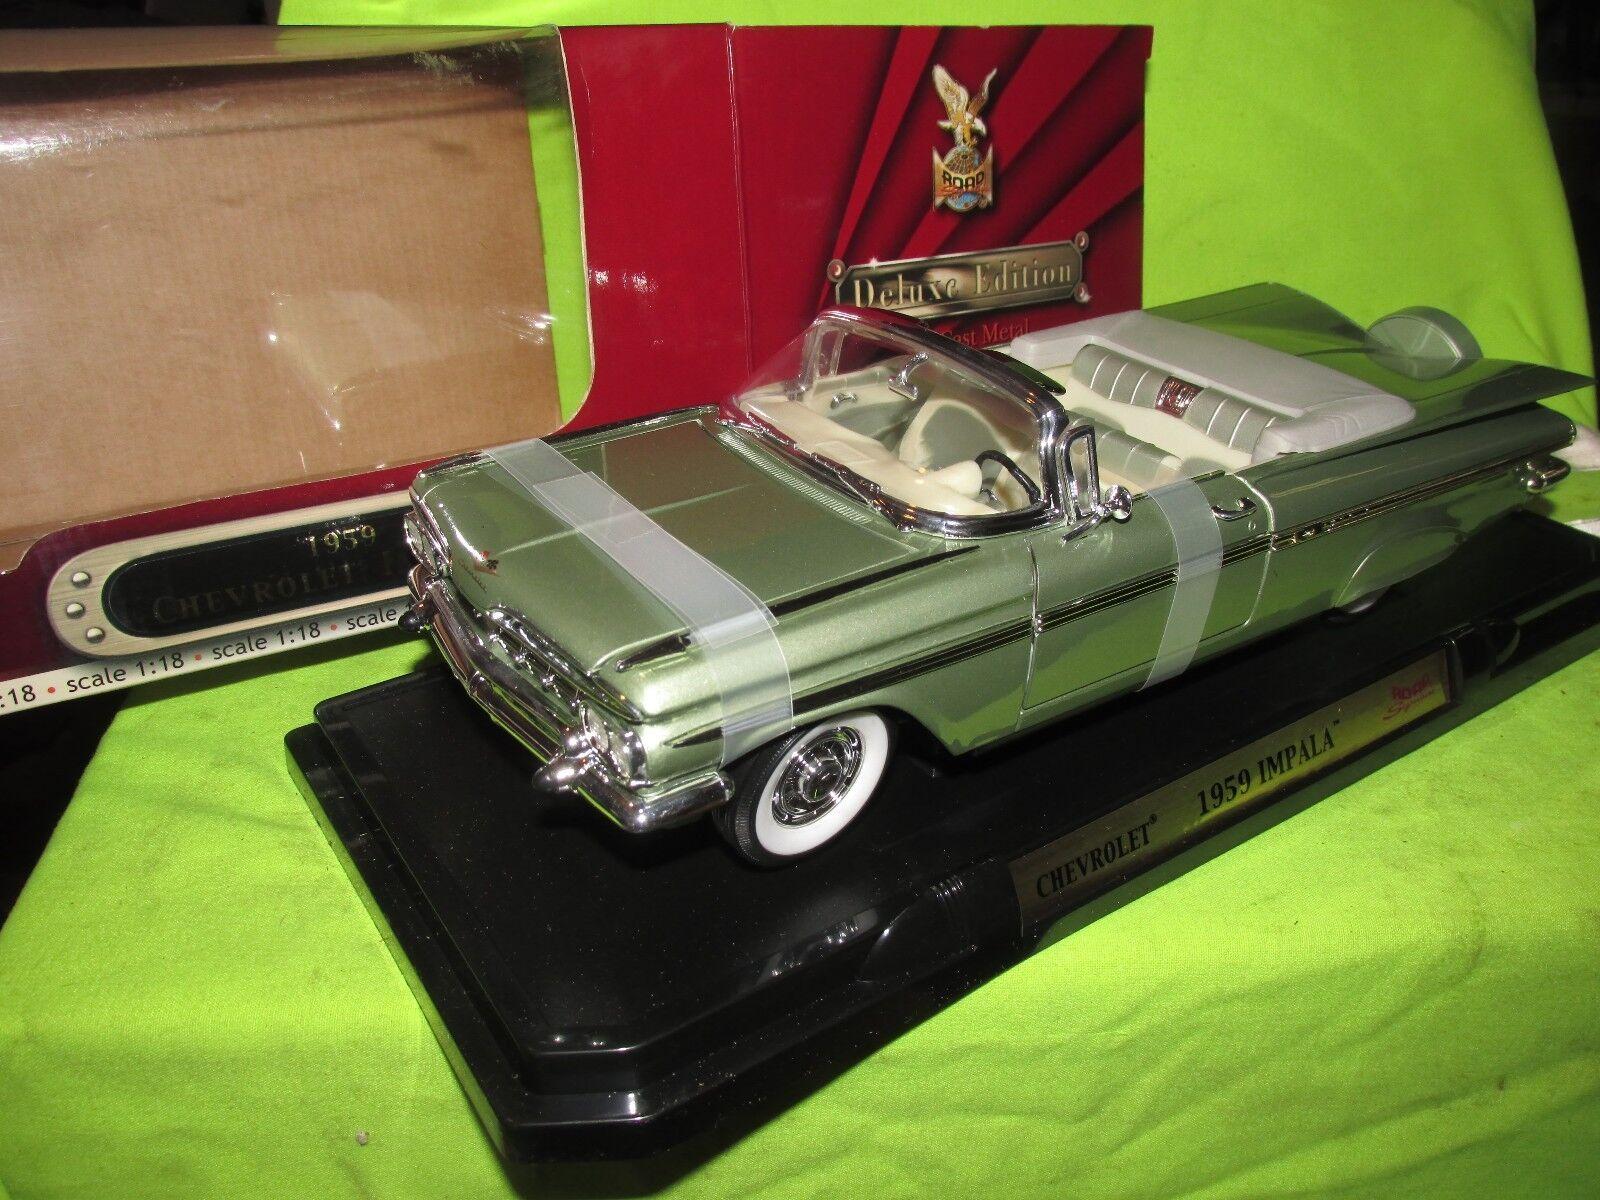 1959 Impala Cabriolet 1 18 ROAD SIGNATURE YAT MING Nice détail voir photos